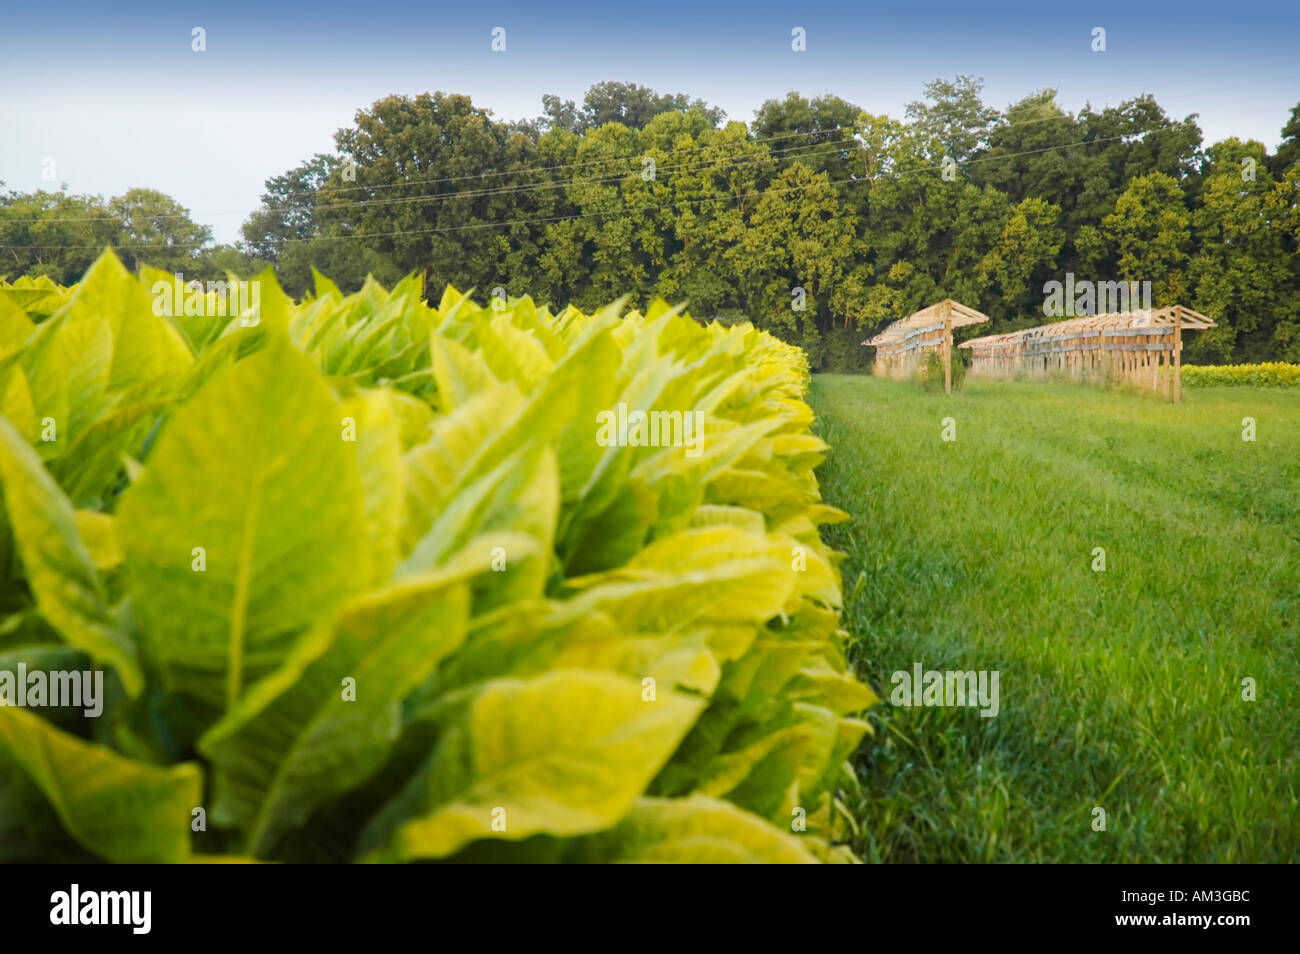 Burley tobacco - Stock Image